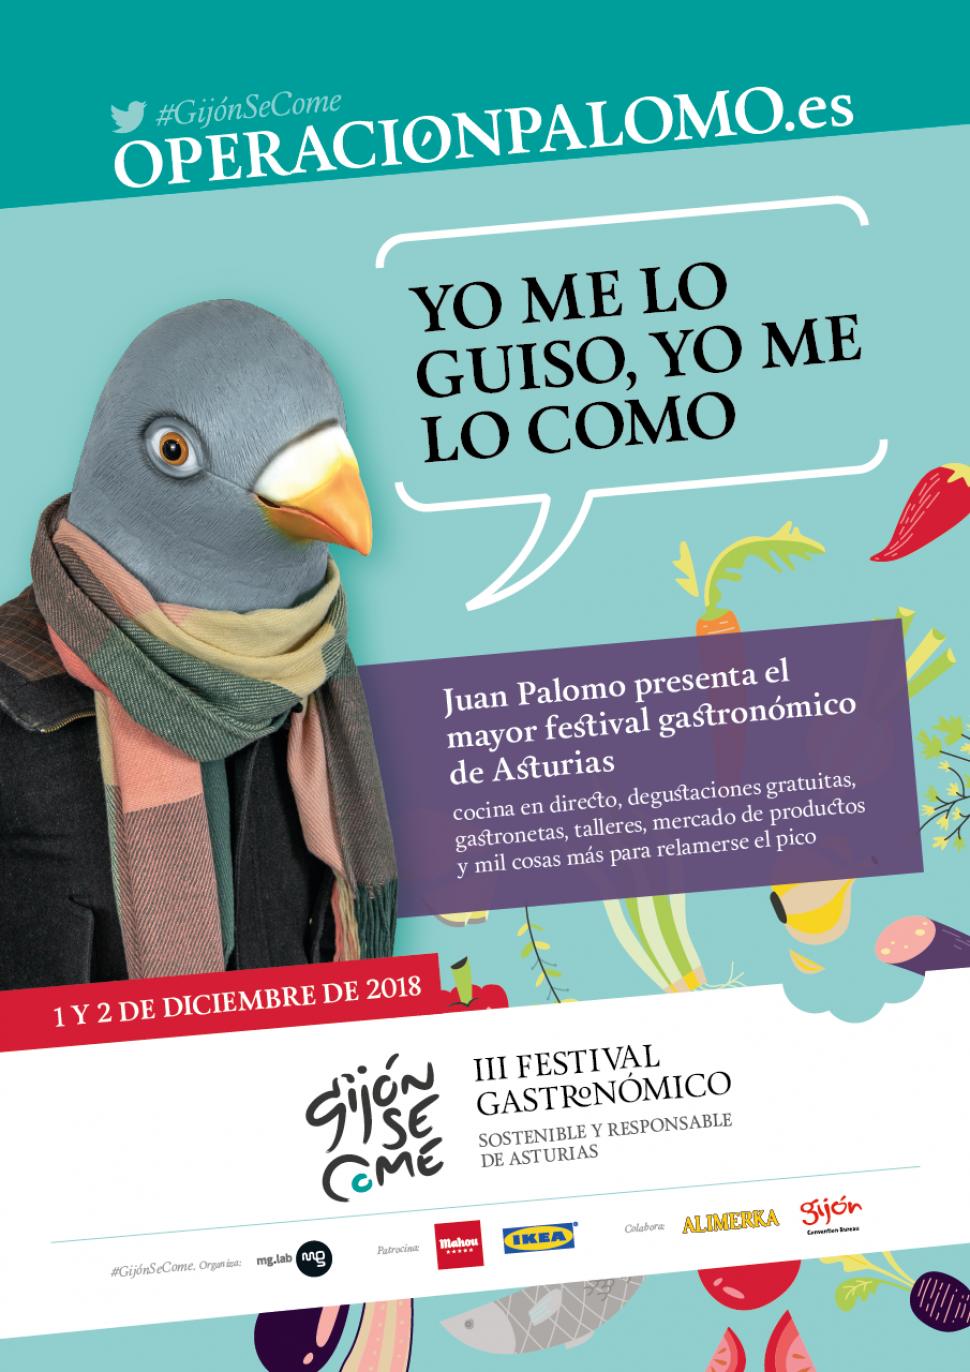 #OperaciónPalomo: todo listo para el mayor festival gastronómico de Asturias